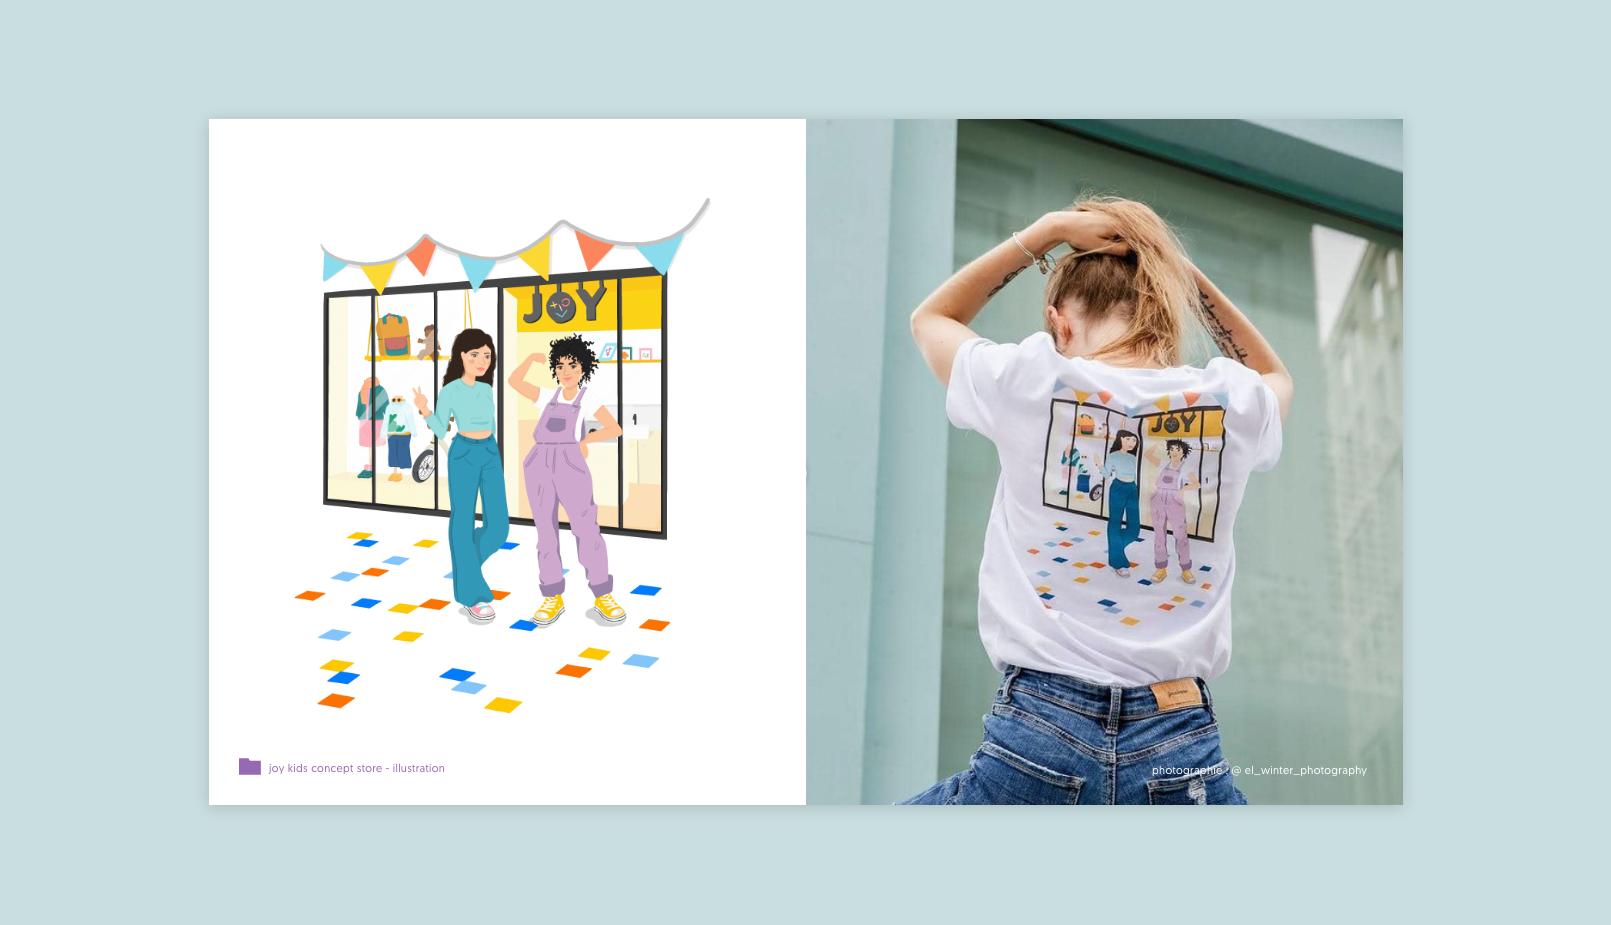 marion-carlier-illustrations-joy-kids